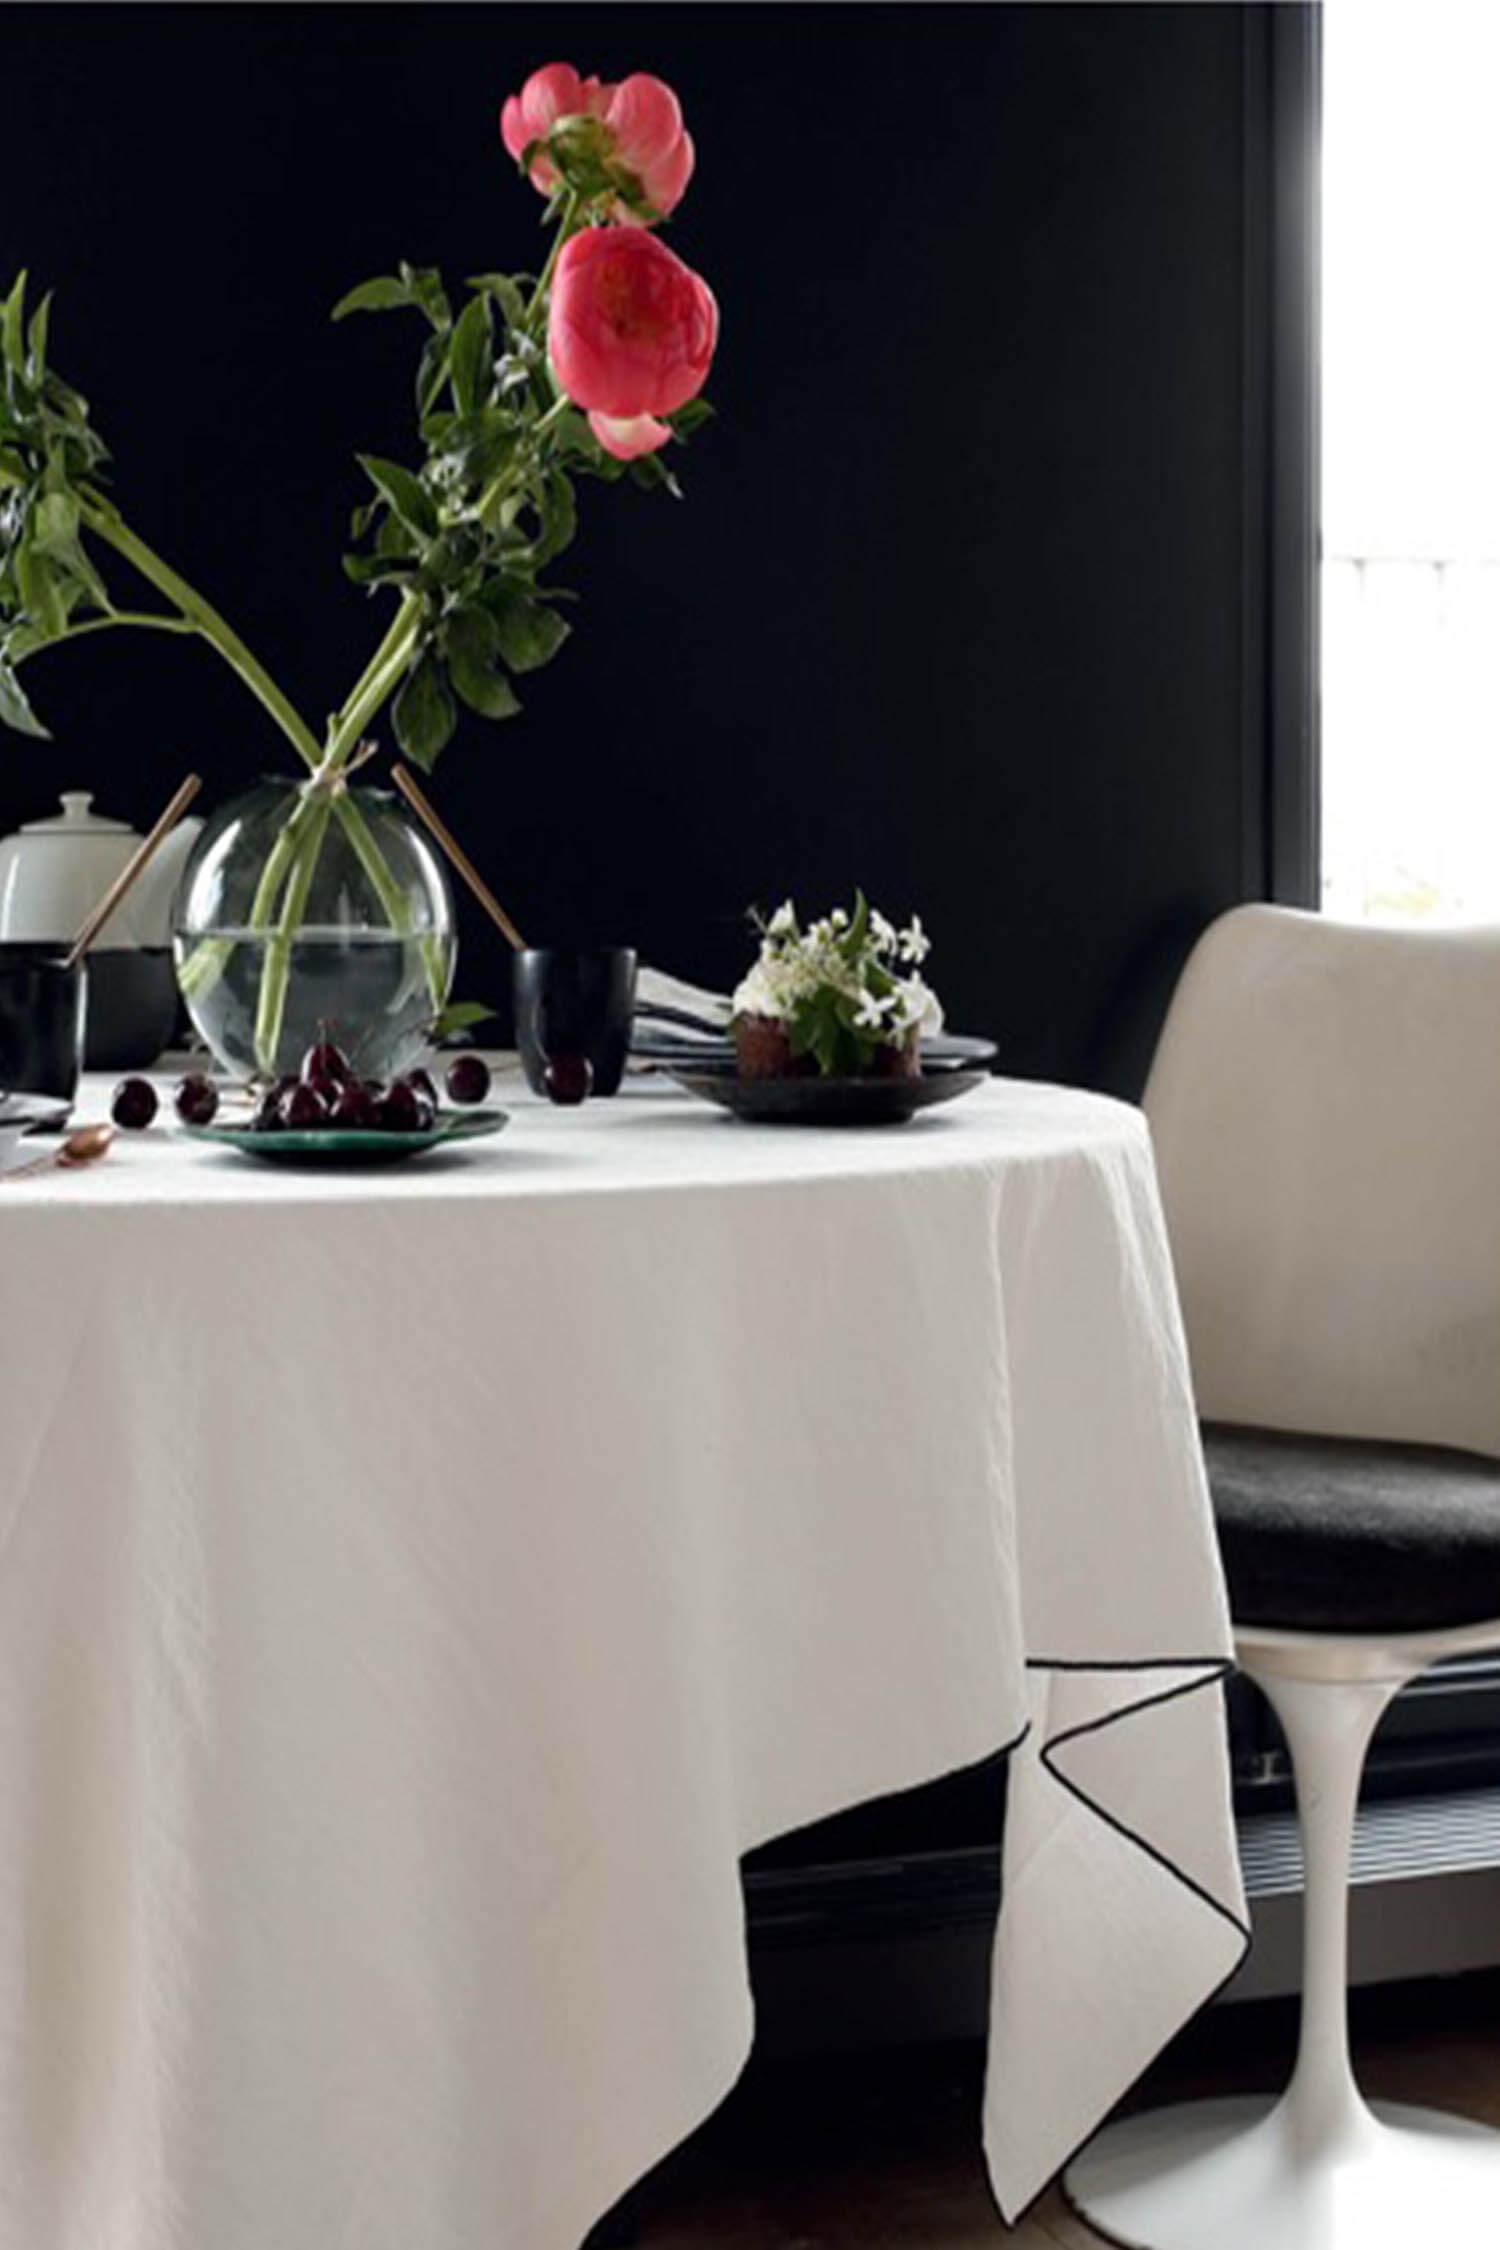 Nappe en lin et coton 170 x 350 cm blanche maison de vacances - Maison de vacances linge ...